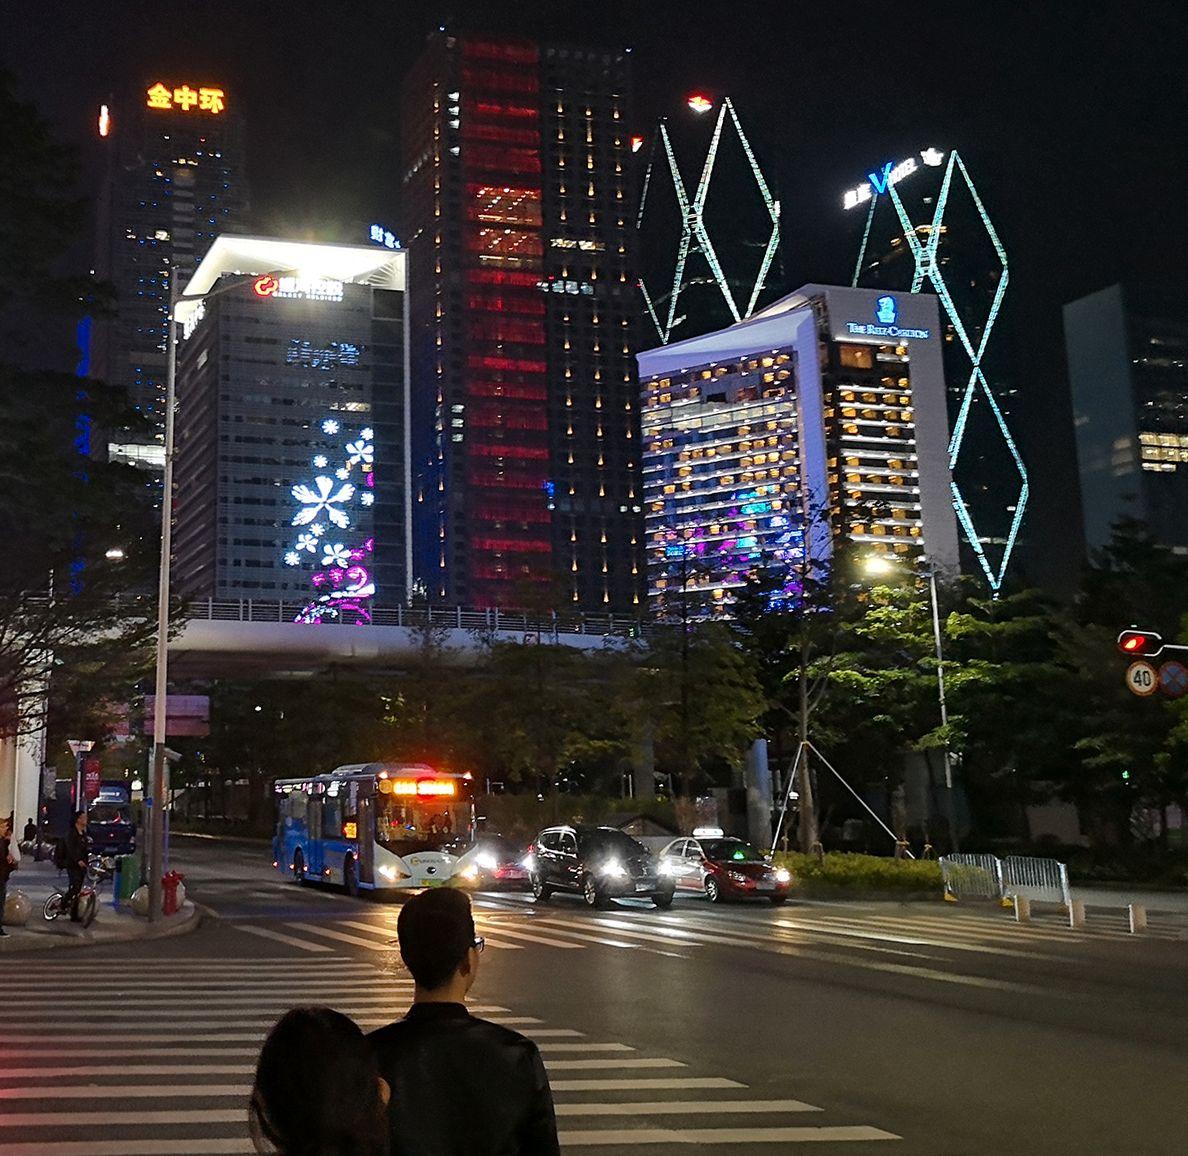 Shenzhen var blant byene som prøvde ut de grønne skiltene først. Der kryr det også av elbiler generelt, og Teslaer spesielt. Løsningen utvides nå til resten av Kina.